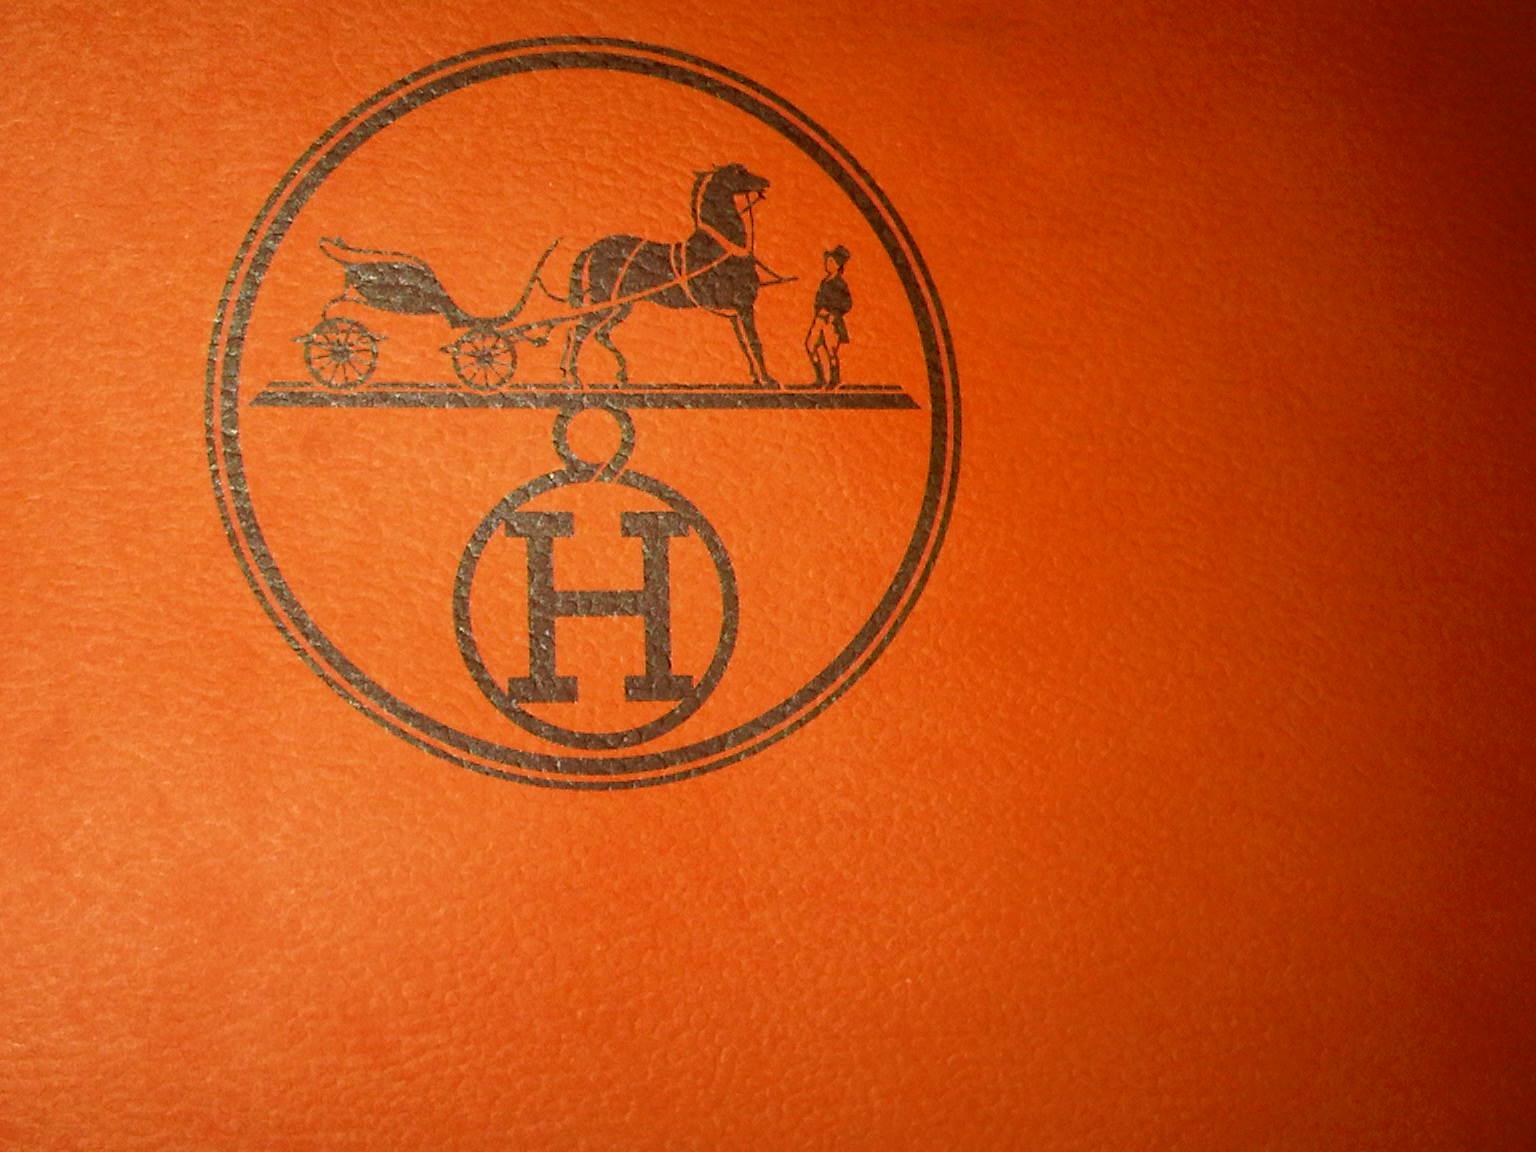 LULU KENNEDY: WE HEART HERMES & WARPAINT....